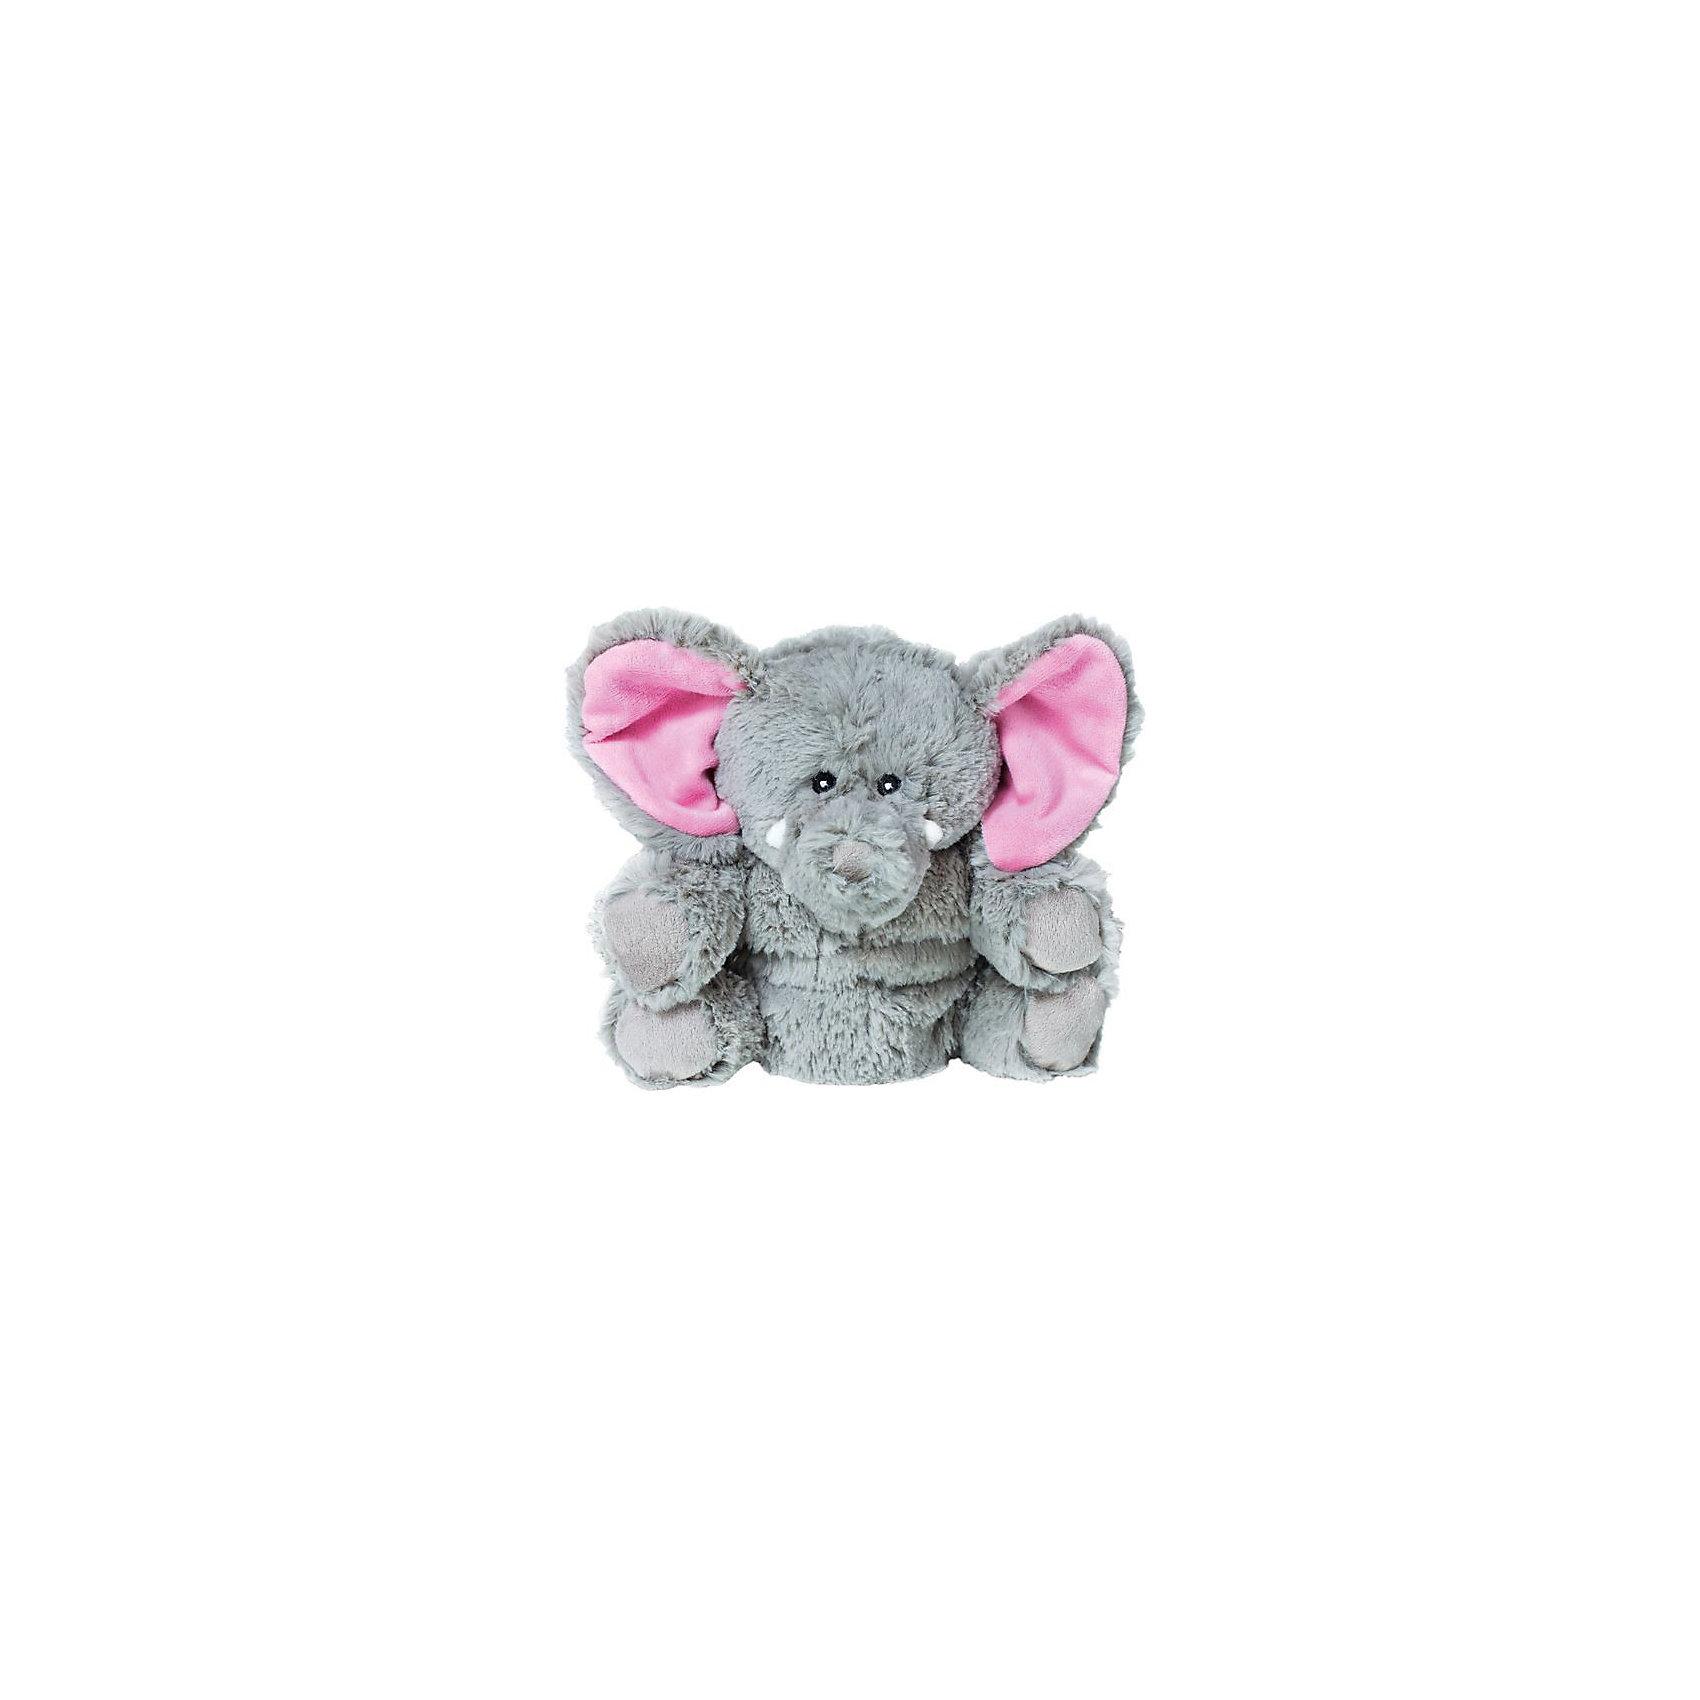 Игрушка-грелка Слон, Тёплые объятияИгрушка-грелка Слон — полезная, красивая и уютная игрушка-грелка, которую можно использовать для ароматерапии. Она выполнена из прочного материала, ее можно стирать, она гипоаллергенна. Ребенок может ее всюду носить с собой и спать с ней. Внутри у нее гранулы гречихи и лаванды, поэтому игра со Слоном успокаивает малыша, снимает возбуждение. Кроме того, внутрь можно вставить разогретый вкладыш, превратив игрушку в грелку.<br><br>Вес: 350 г<br>Инд. упаковка: коробка<br>Материал: полиэстер<br>Размеры ДхВхШ: 14 х 14,5 х 10,<br><br>Ширина мм: 105<br>Глубина мм: 145<br>Высота мм: 140<br>Вес г: 350<br>Возраст от месяцев: 36<br>Возраст до месяцев: 192<br>Пол: Унисекс<br>Возраст: Детский<br>SKU: 5011465